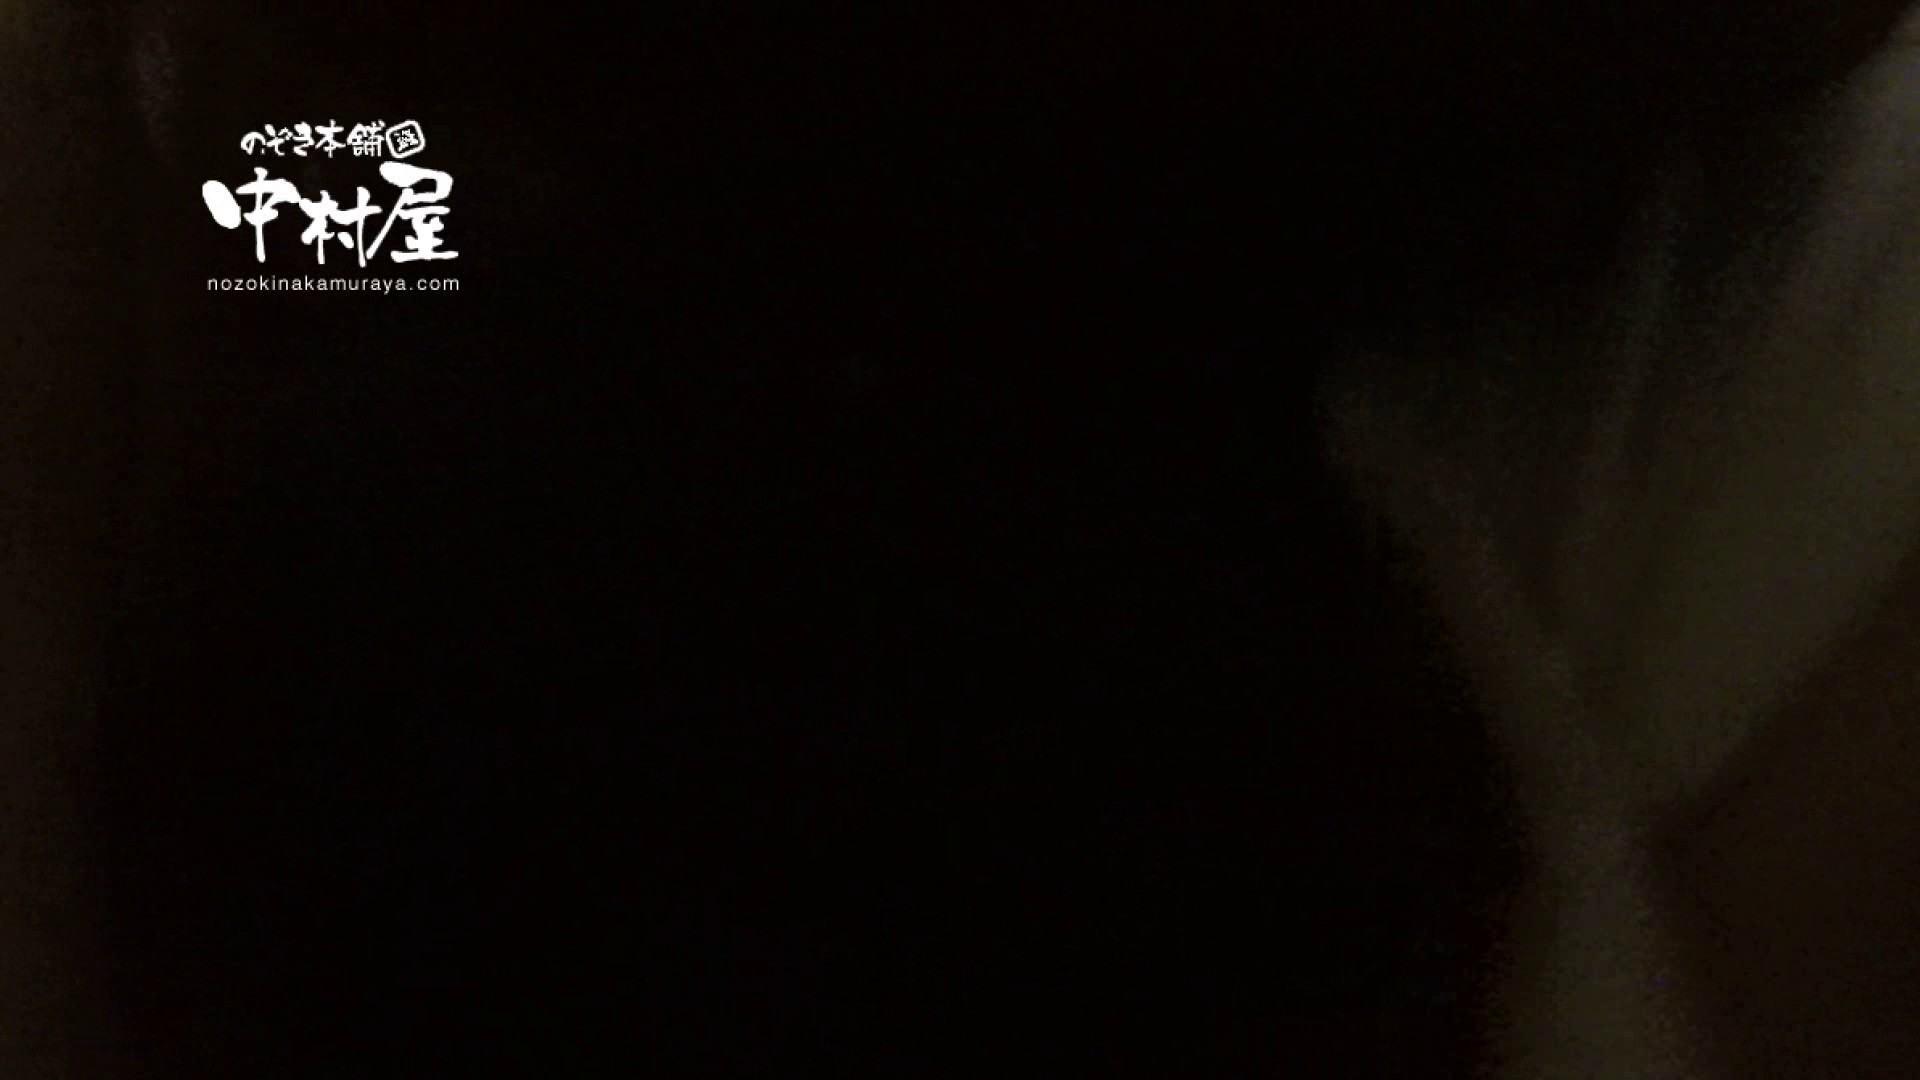 鬼畜 vol.08 極悪!妊娠覚悟の中出し! 後編 エロティックなOL SEX無修正画像 66画像 18